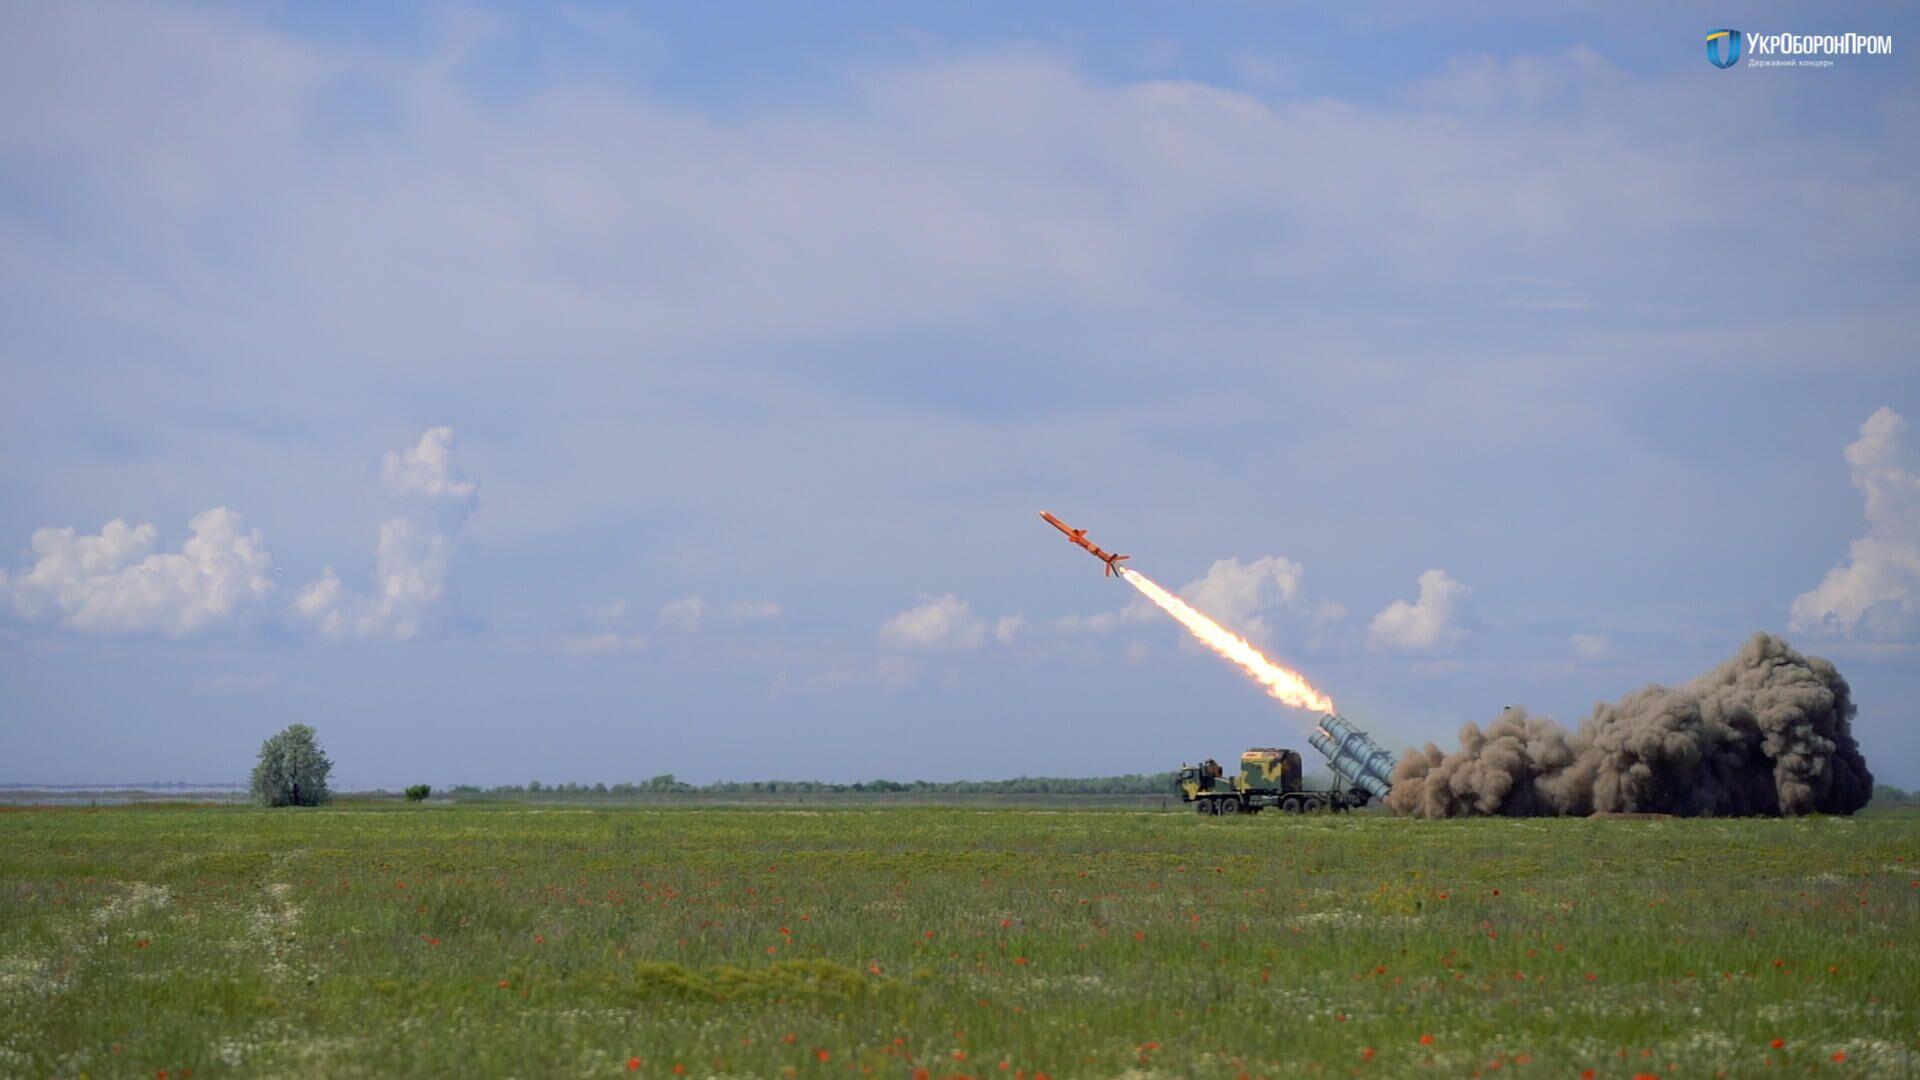 Испытание ракетного комплекса РК-360МЦ Нептун - РИА Новости, 1920, 07.07.2020